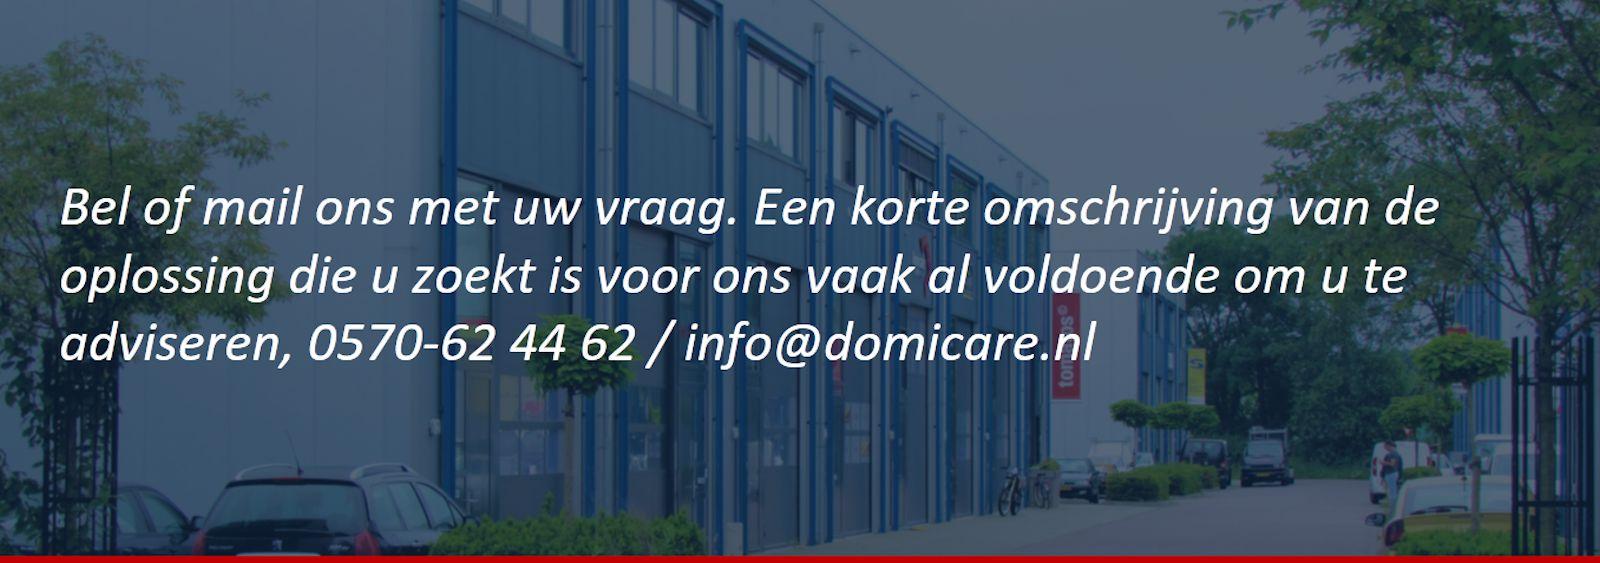 contactpagina-bedrijfspand-1600